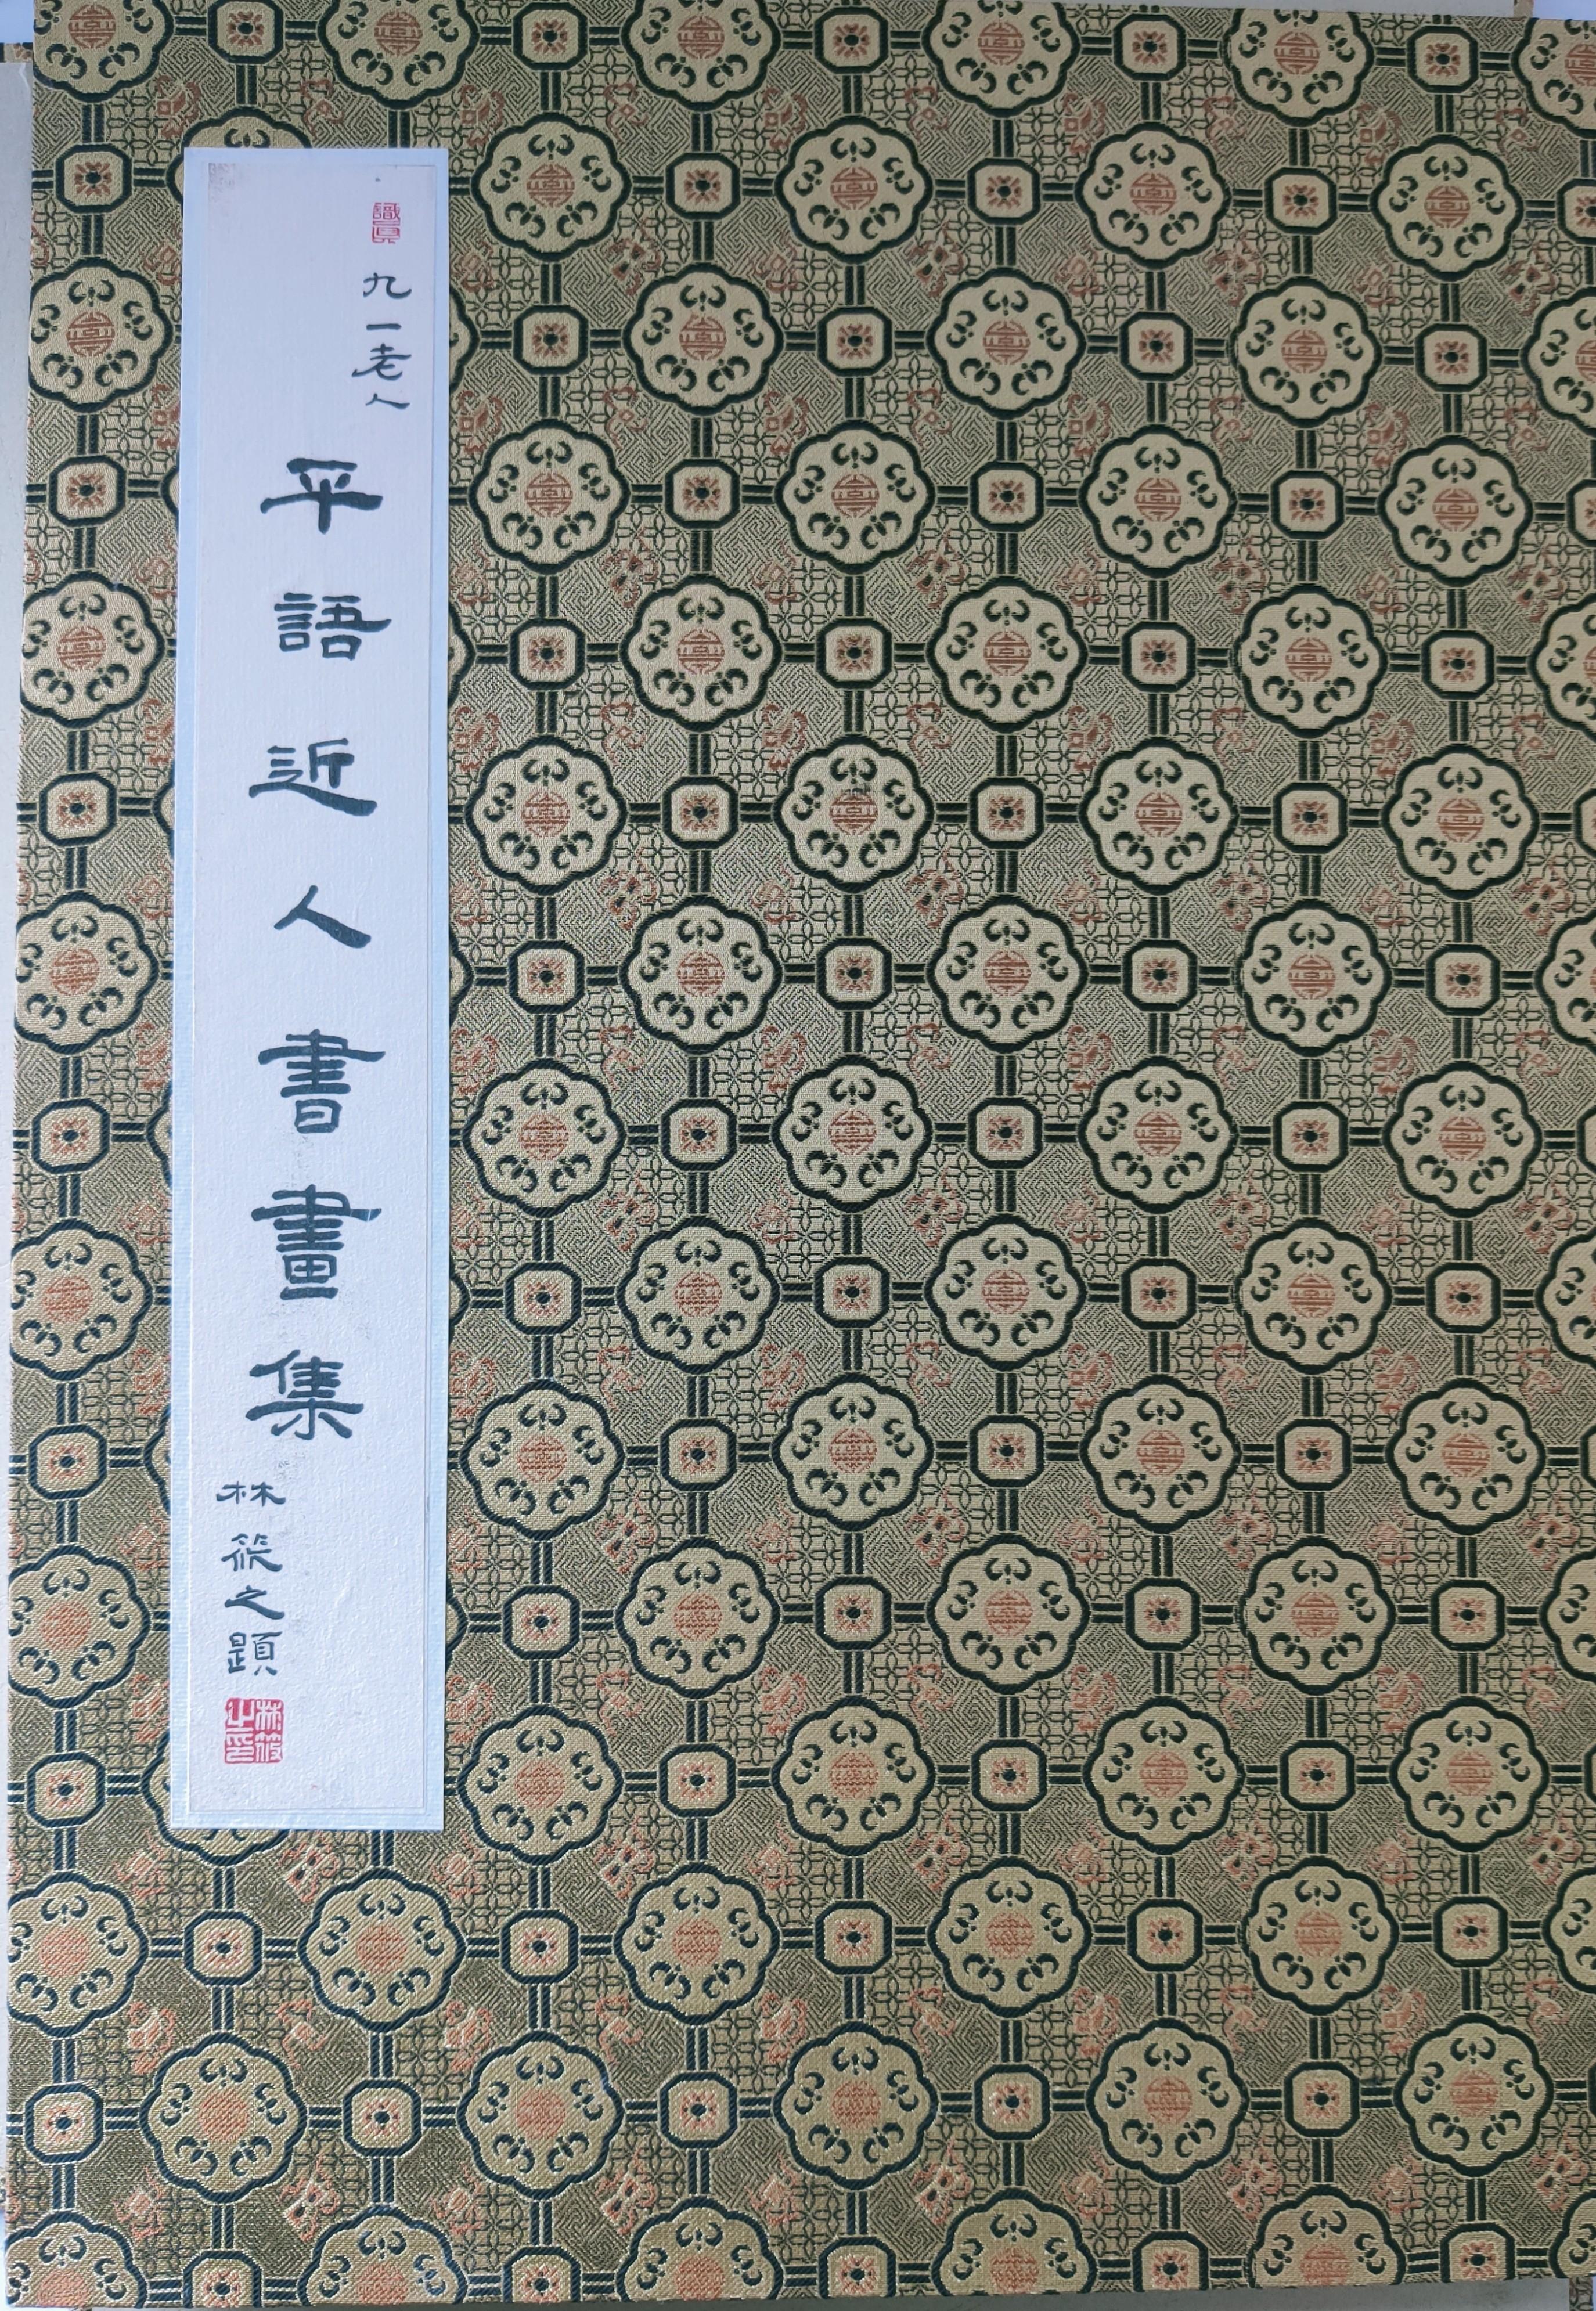 平语近人书画集